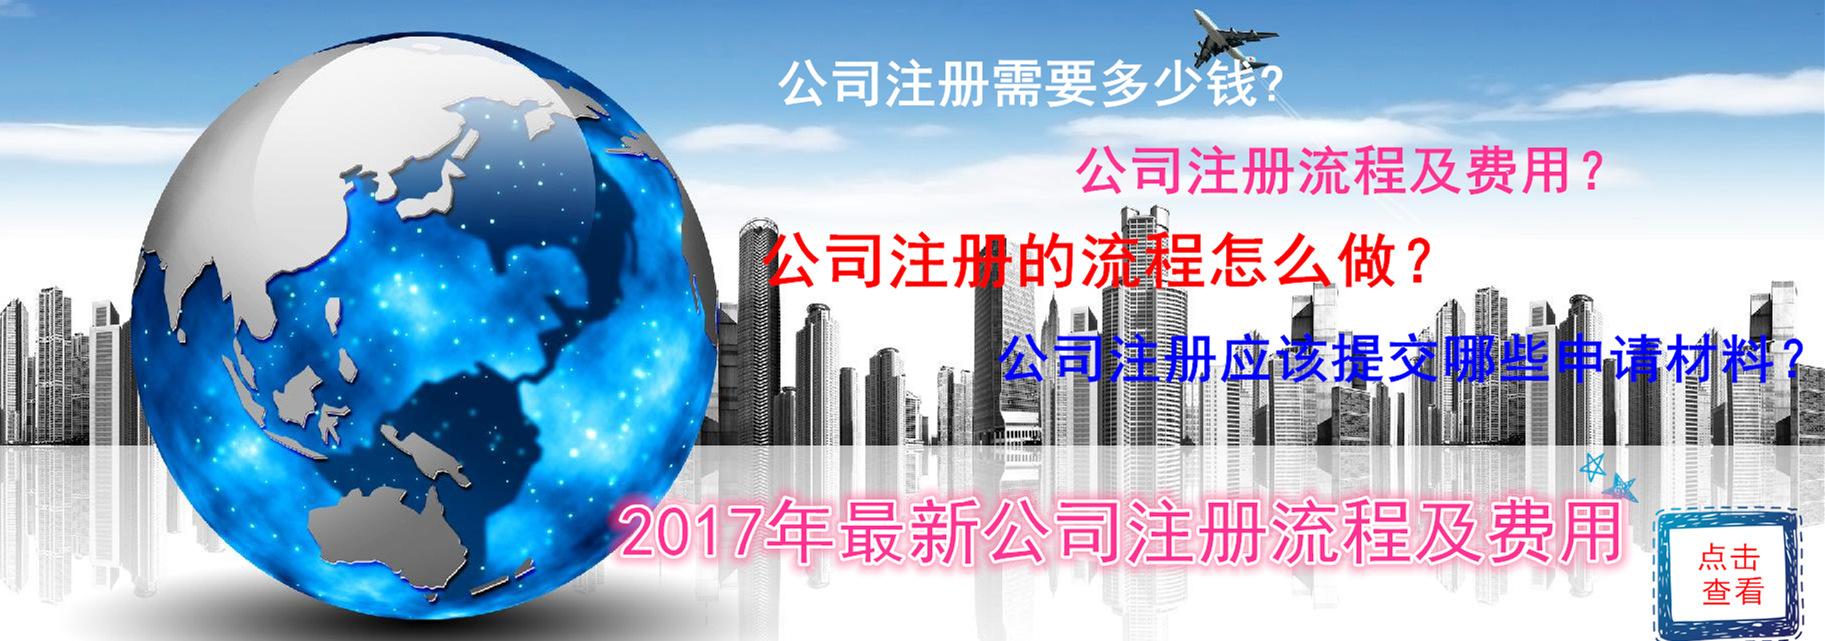 創業優選為您精心挑選了2017年最新北京公司注冊流程及費用,為您提供北京公司注冊需要多少錢,辦理北京外資公司注冊的流程及申請材料,辦理北京有限公司注冊的流程及申請材料,辦理內資外資公司注冊的流程及申請材料,辦理北京有限責任公司注冊的流程及申請材料等知識。